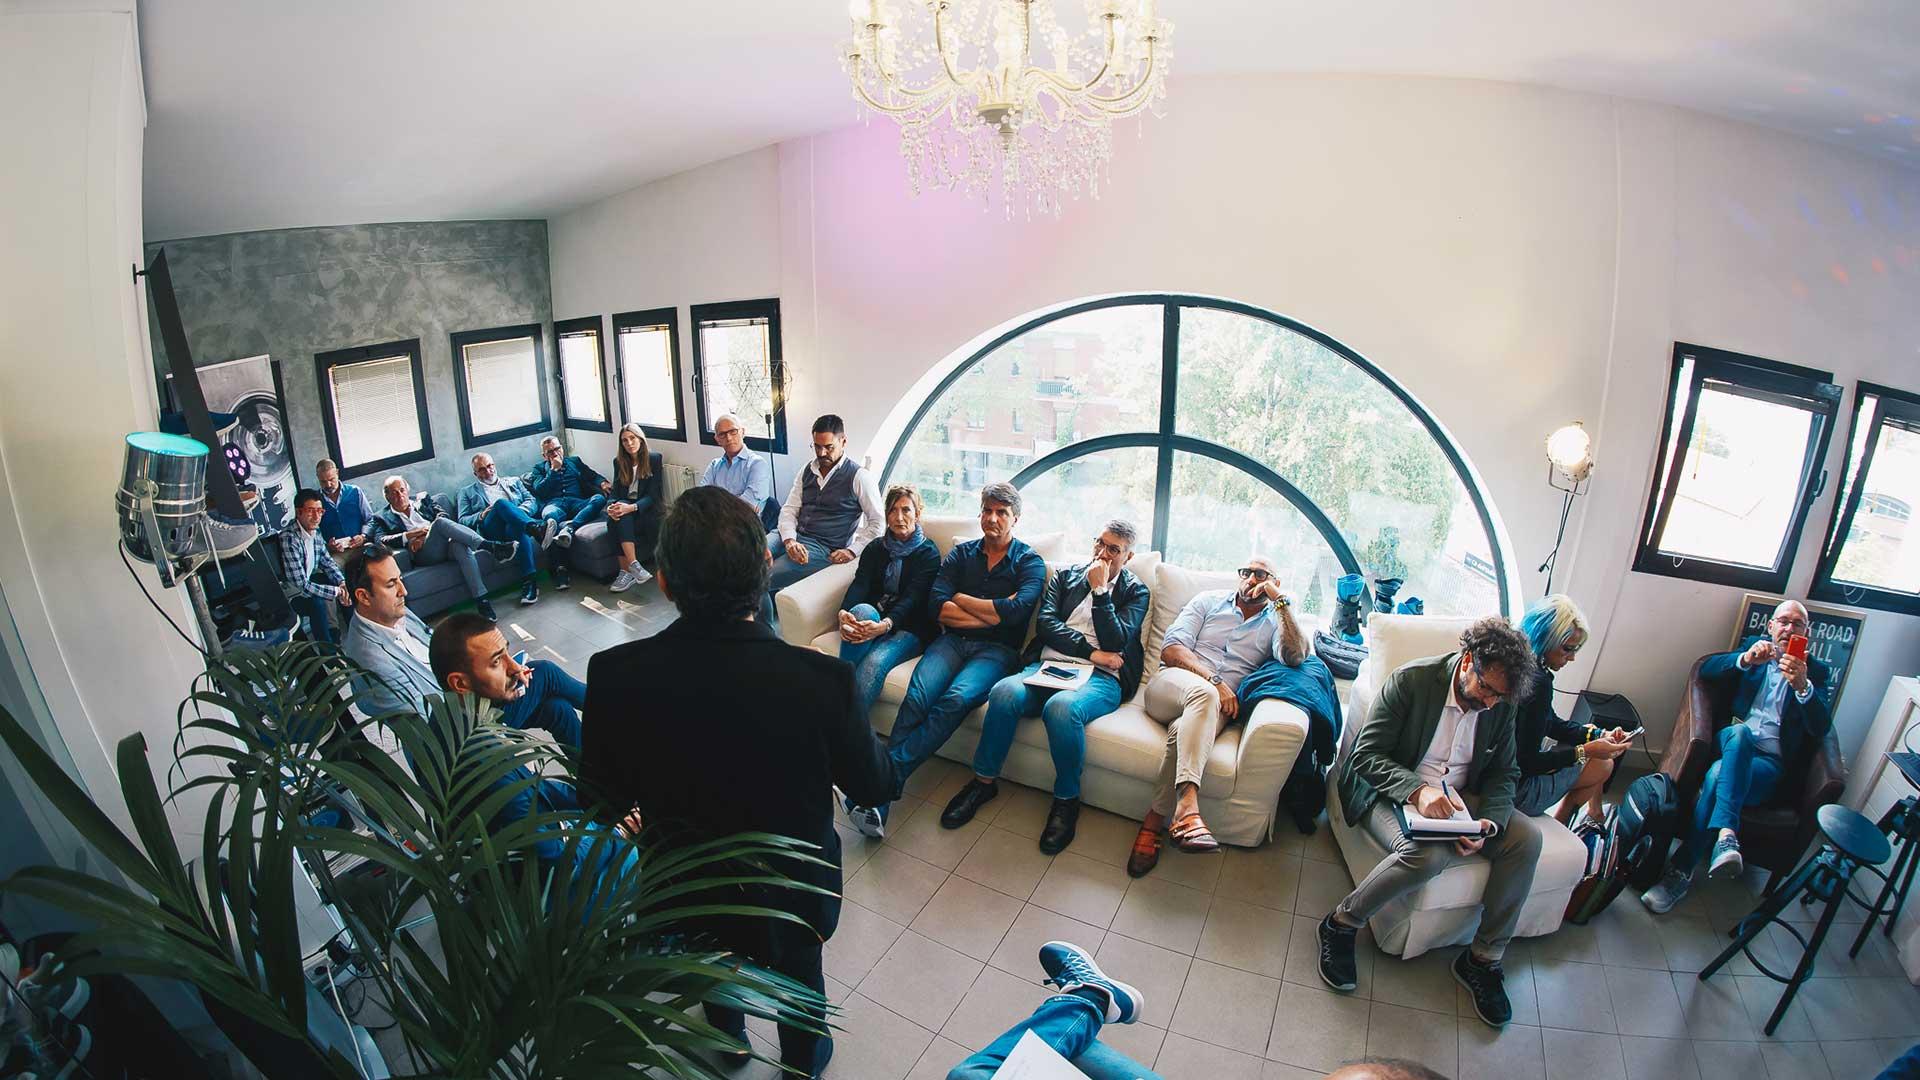 Sala grande riunione